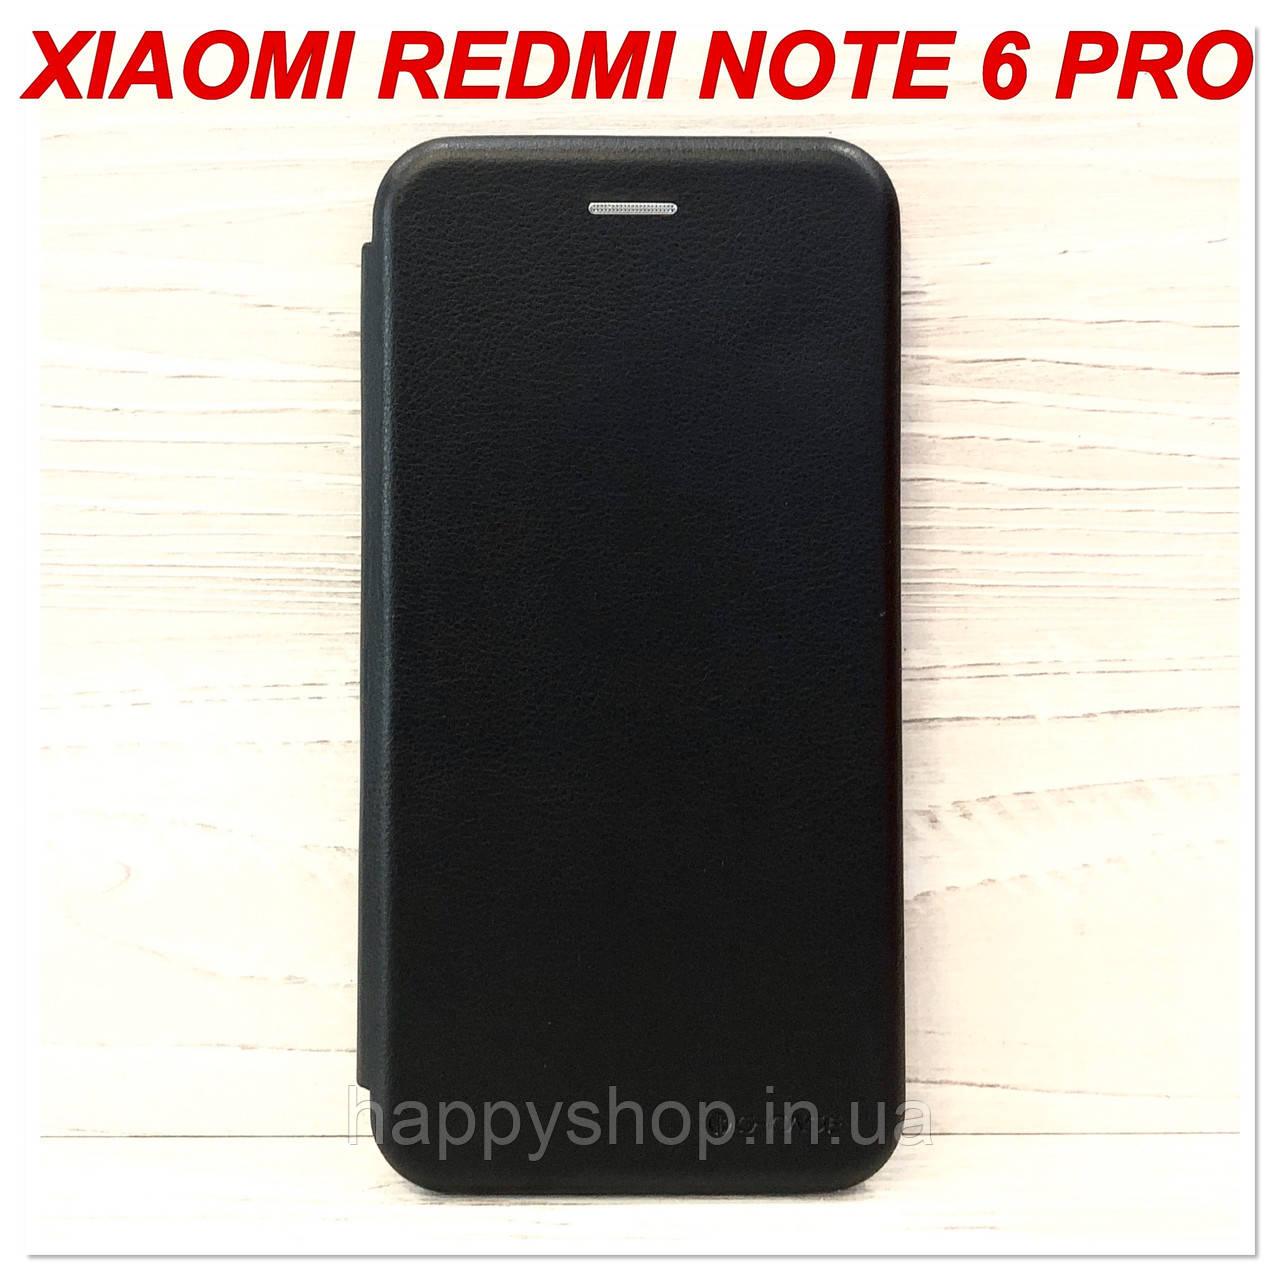 Чехол-книжка G-Case для Xiaomi Redmi Note 6 Pro (Черный)